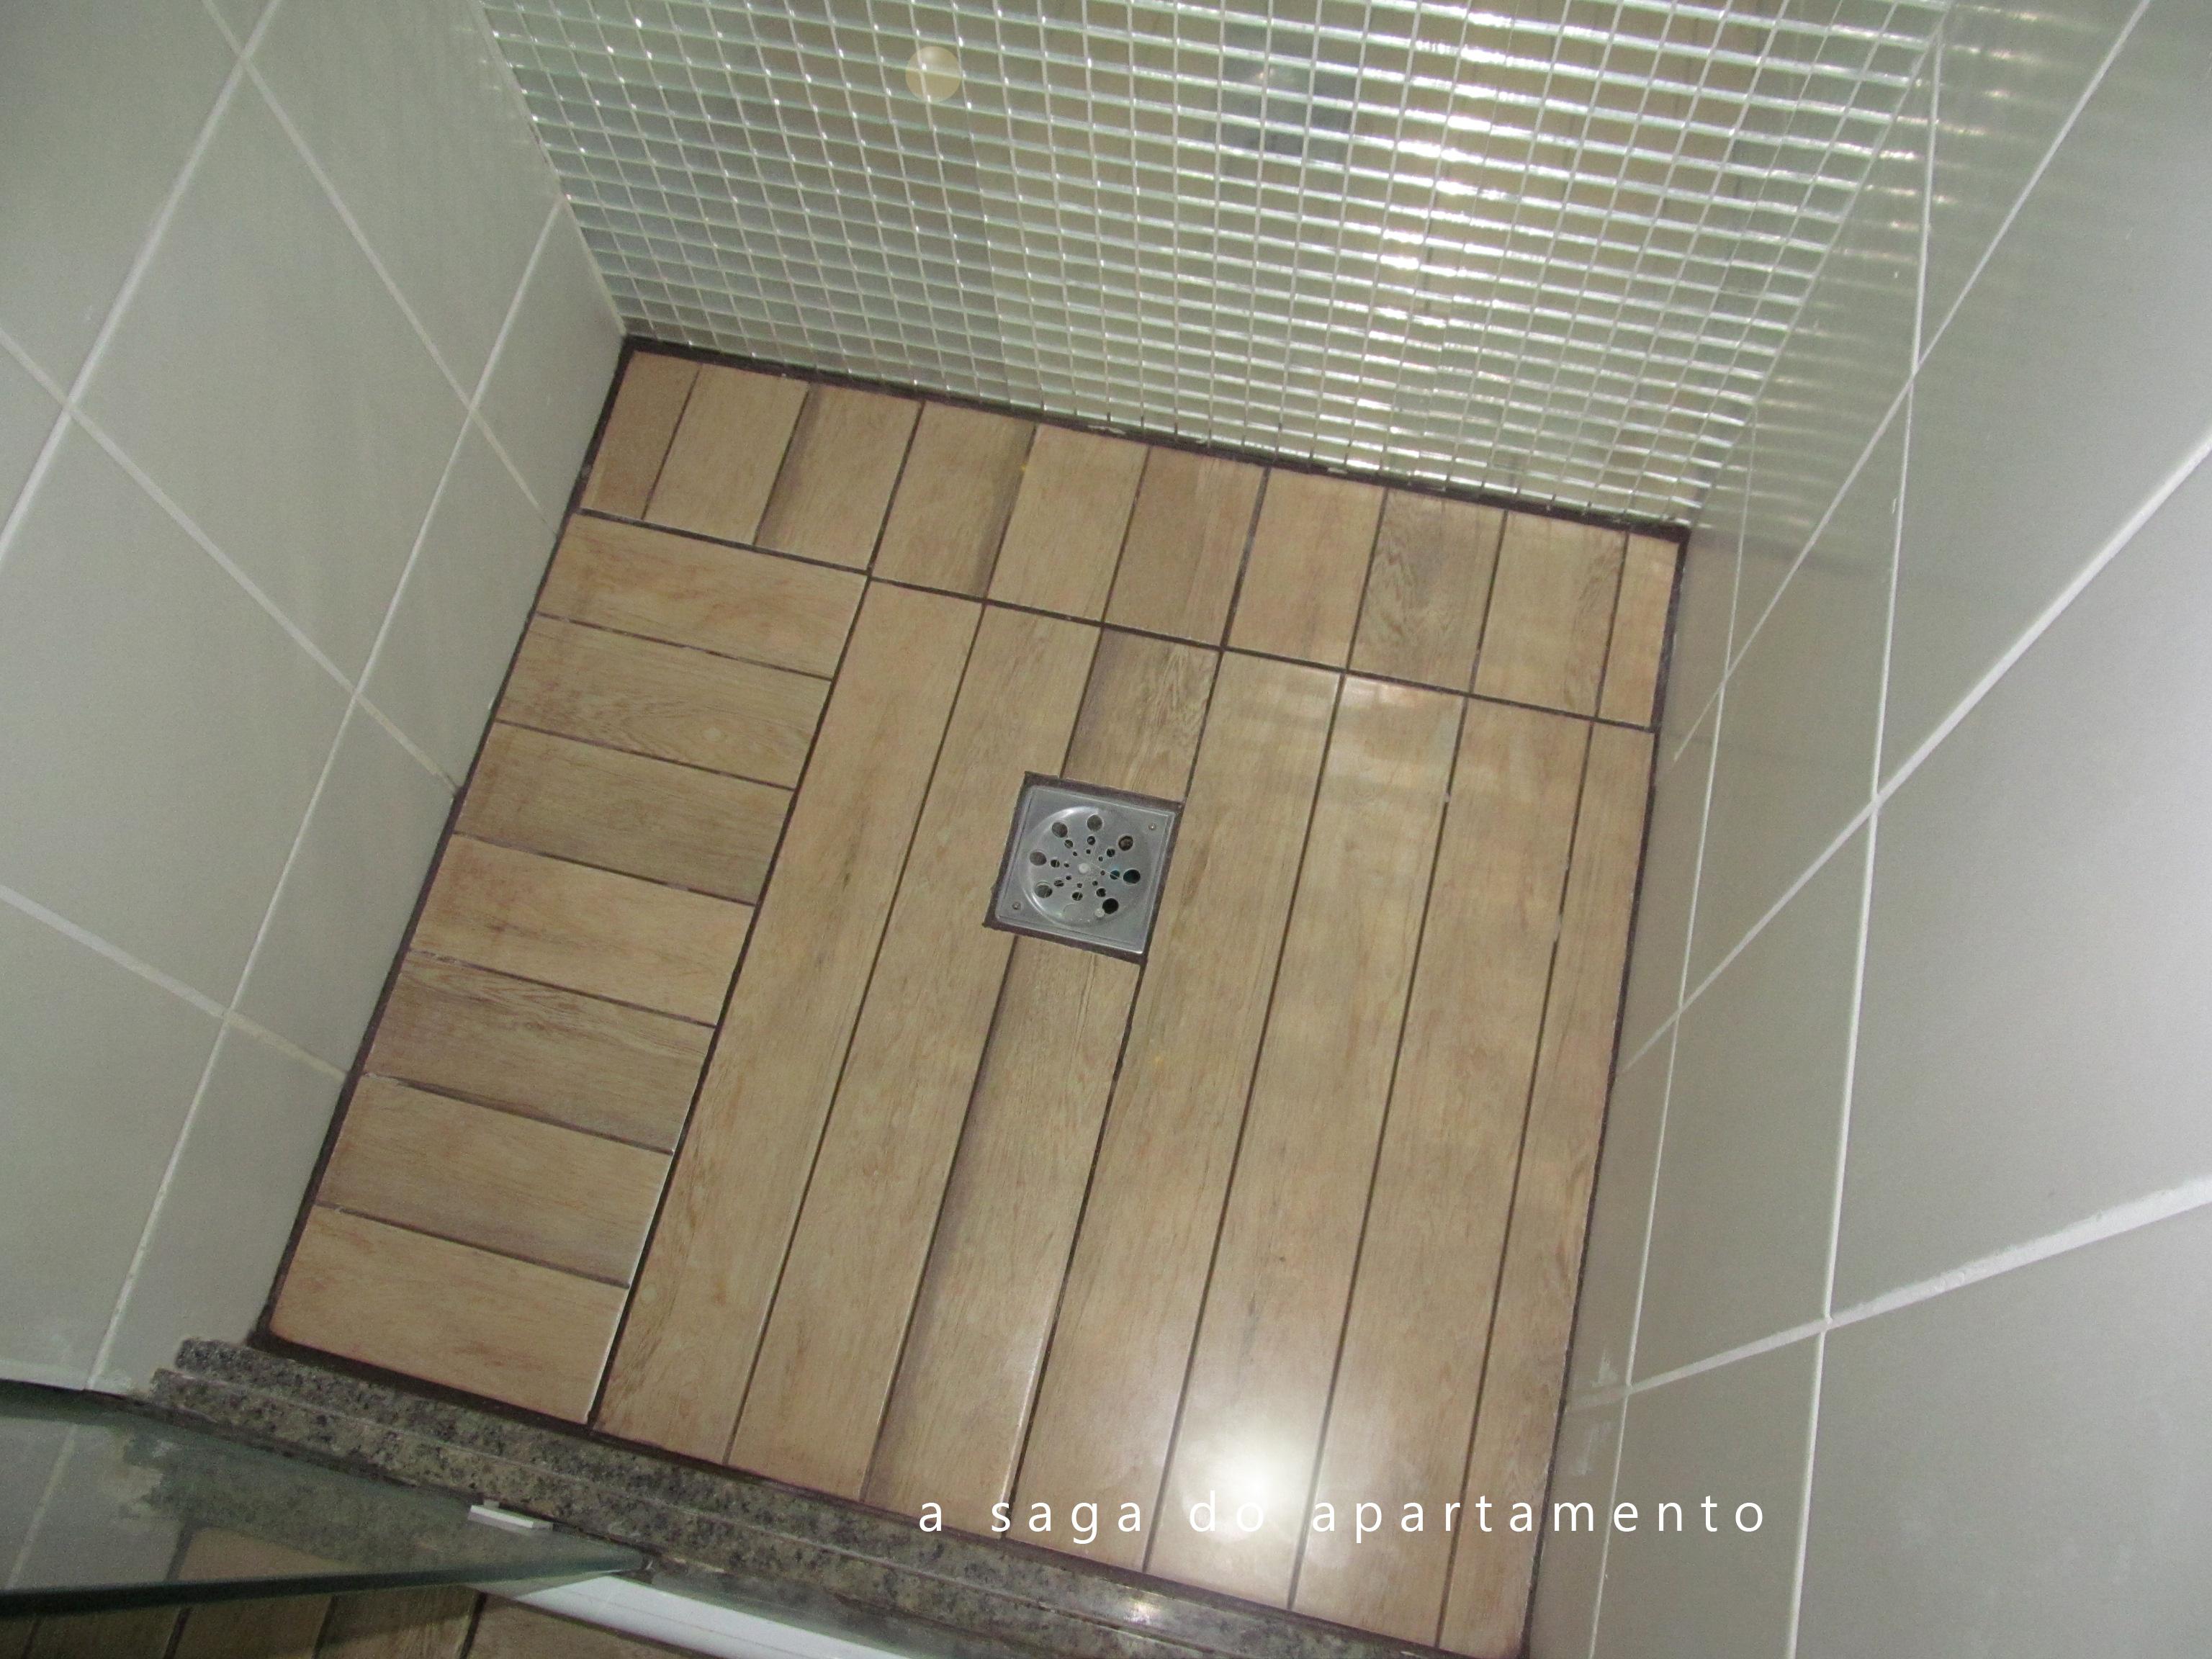 Porcelanato ou Deck de Madeira? Revestindo Banheiro e Varanda  #786A53 3072 2304